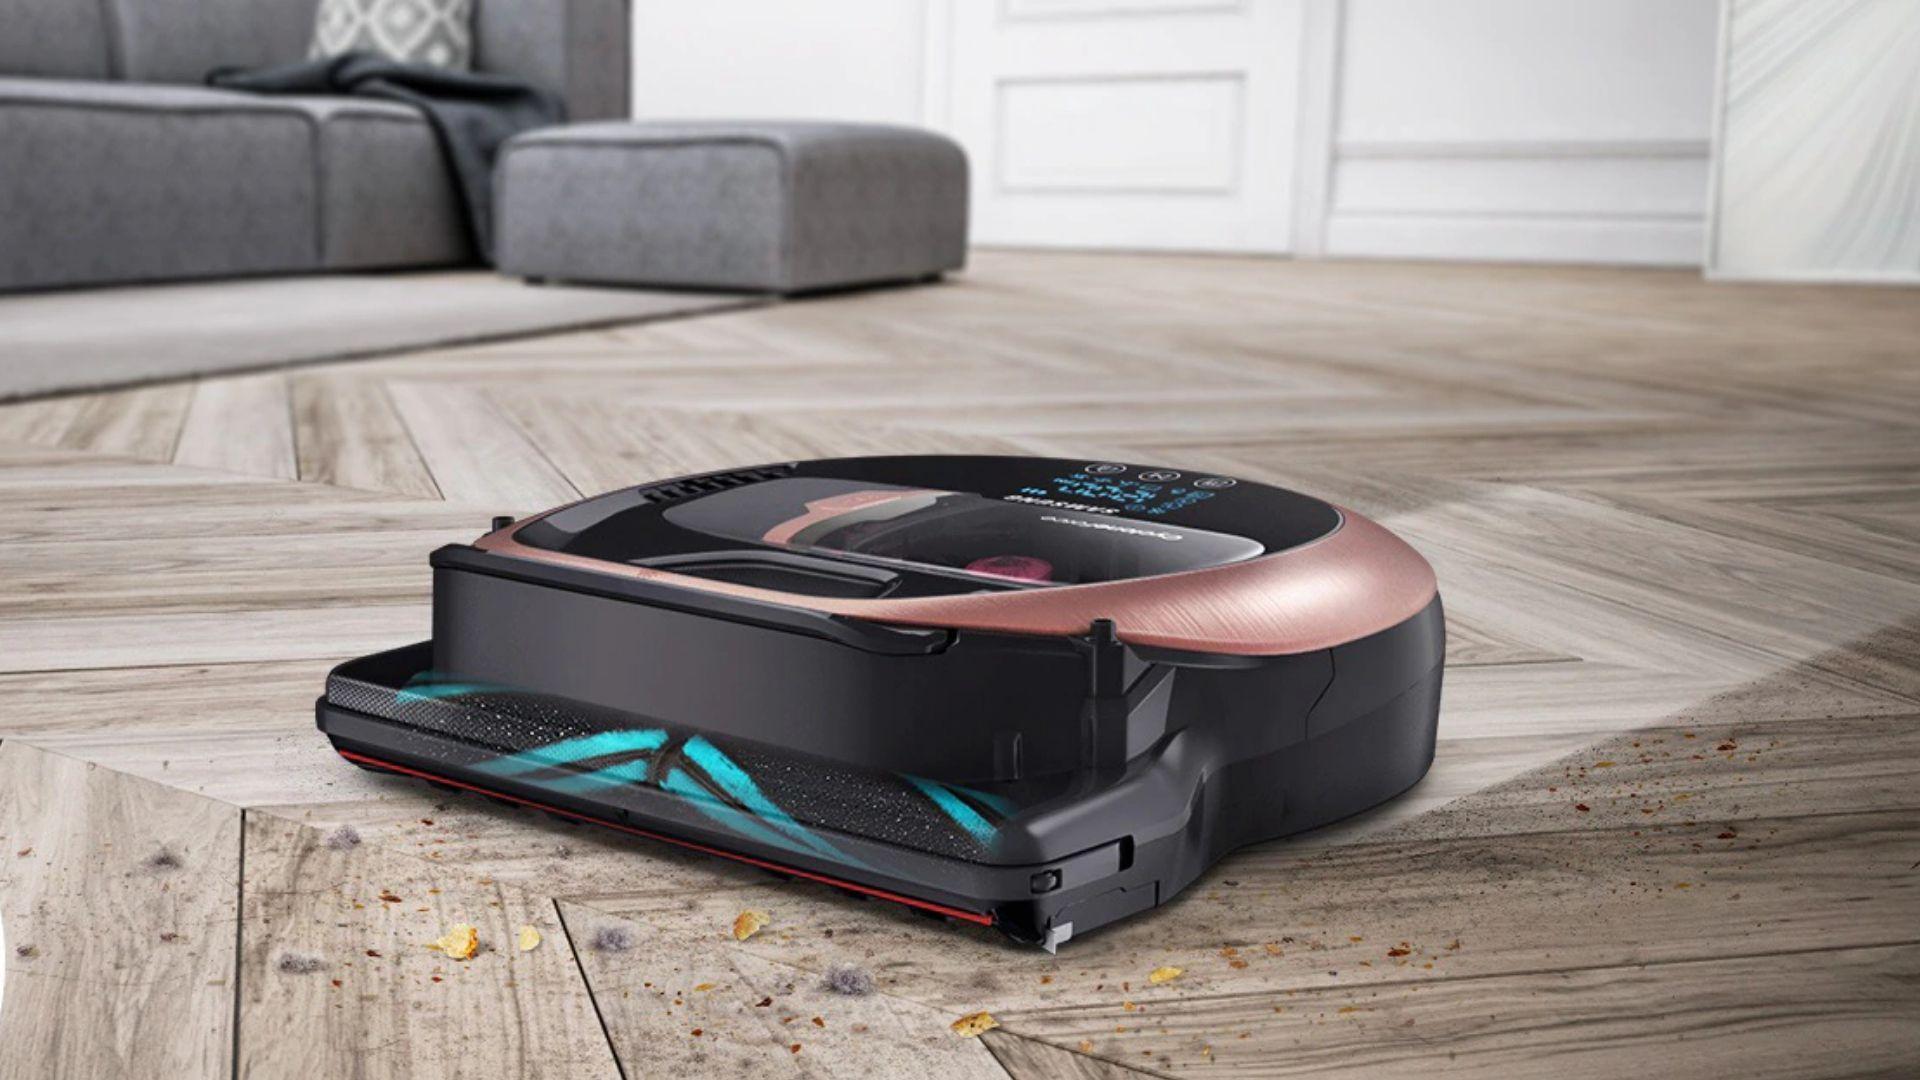 Limpe a casa inteira, sem se preocupar, com o aspirador de pó robô inteligente da Samsung, o Powerbot VR7200. (Imagem: Divulgação/Samsung)